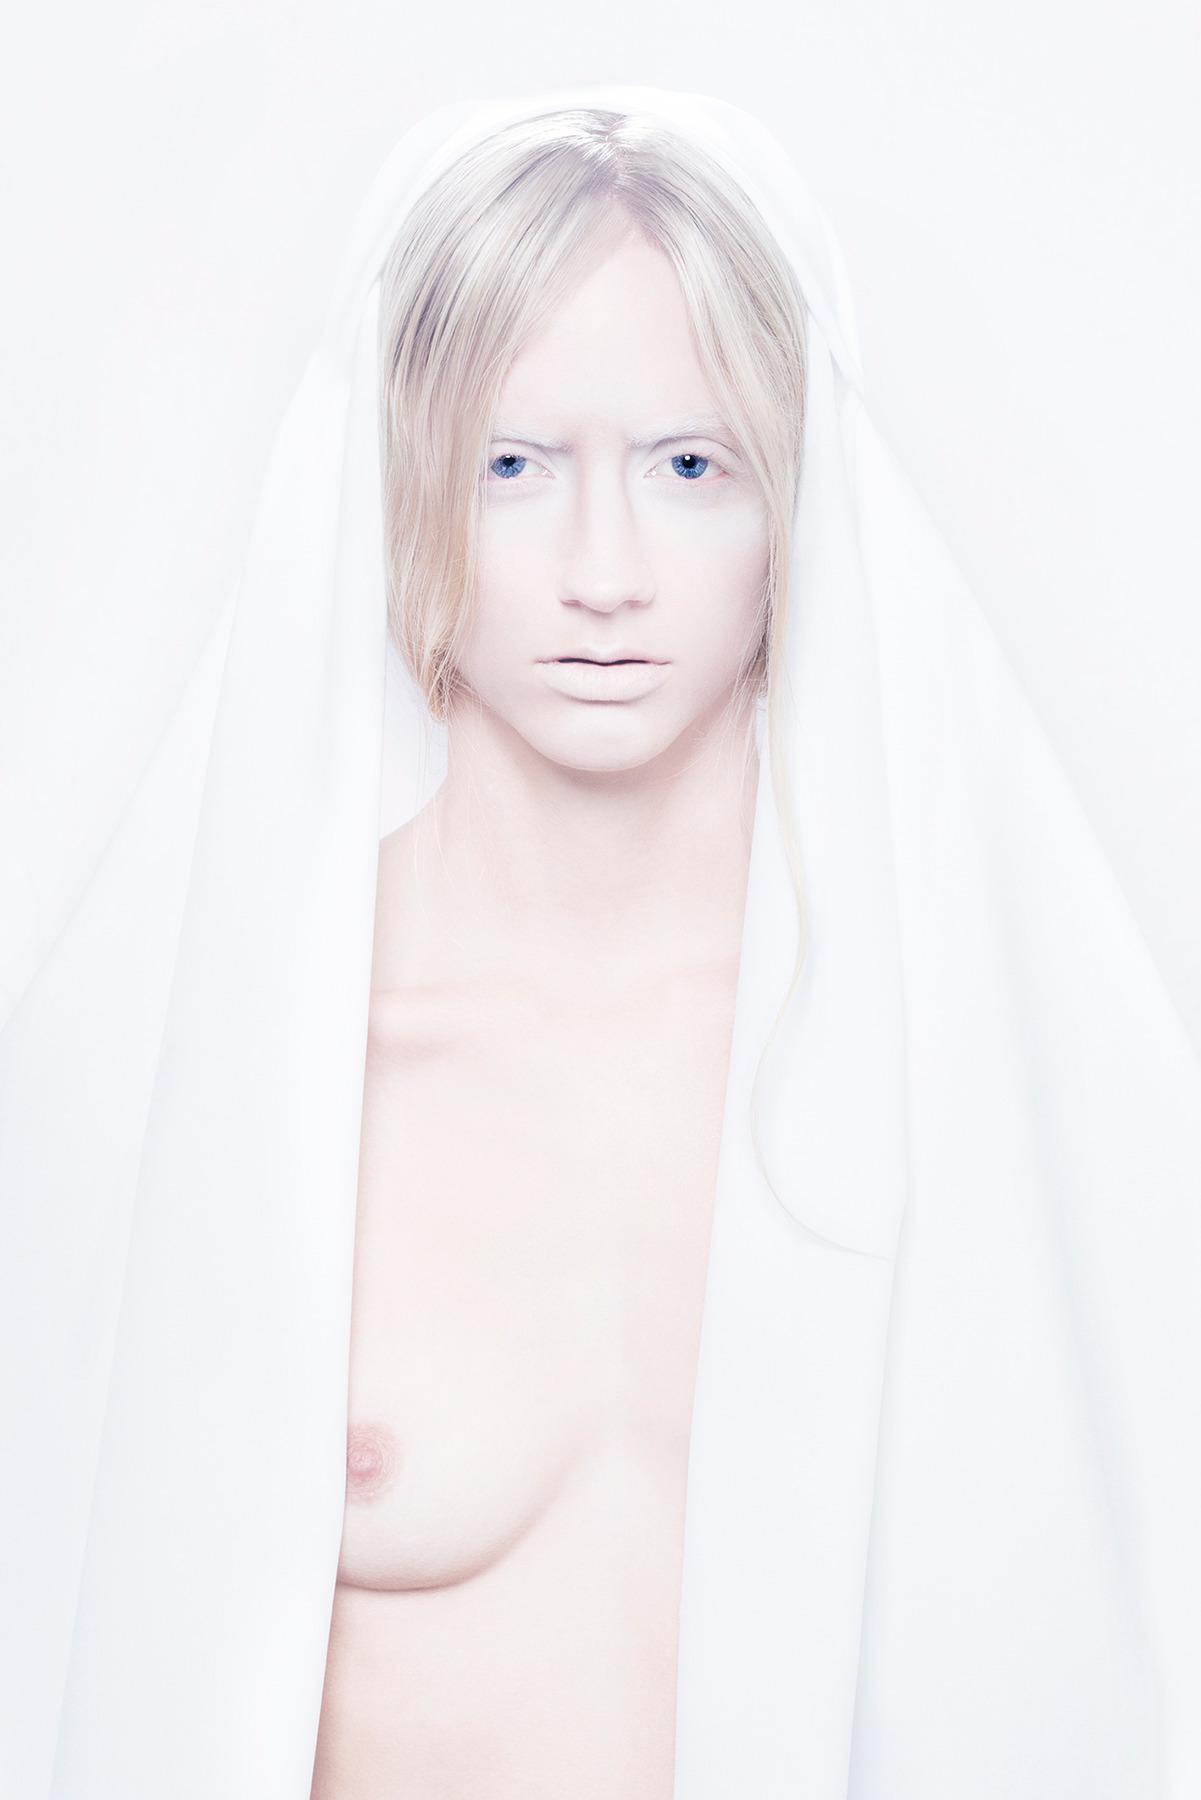 The Luminous Maiden